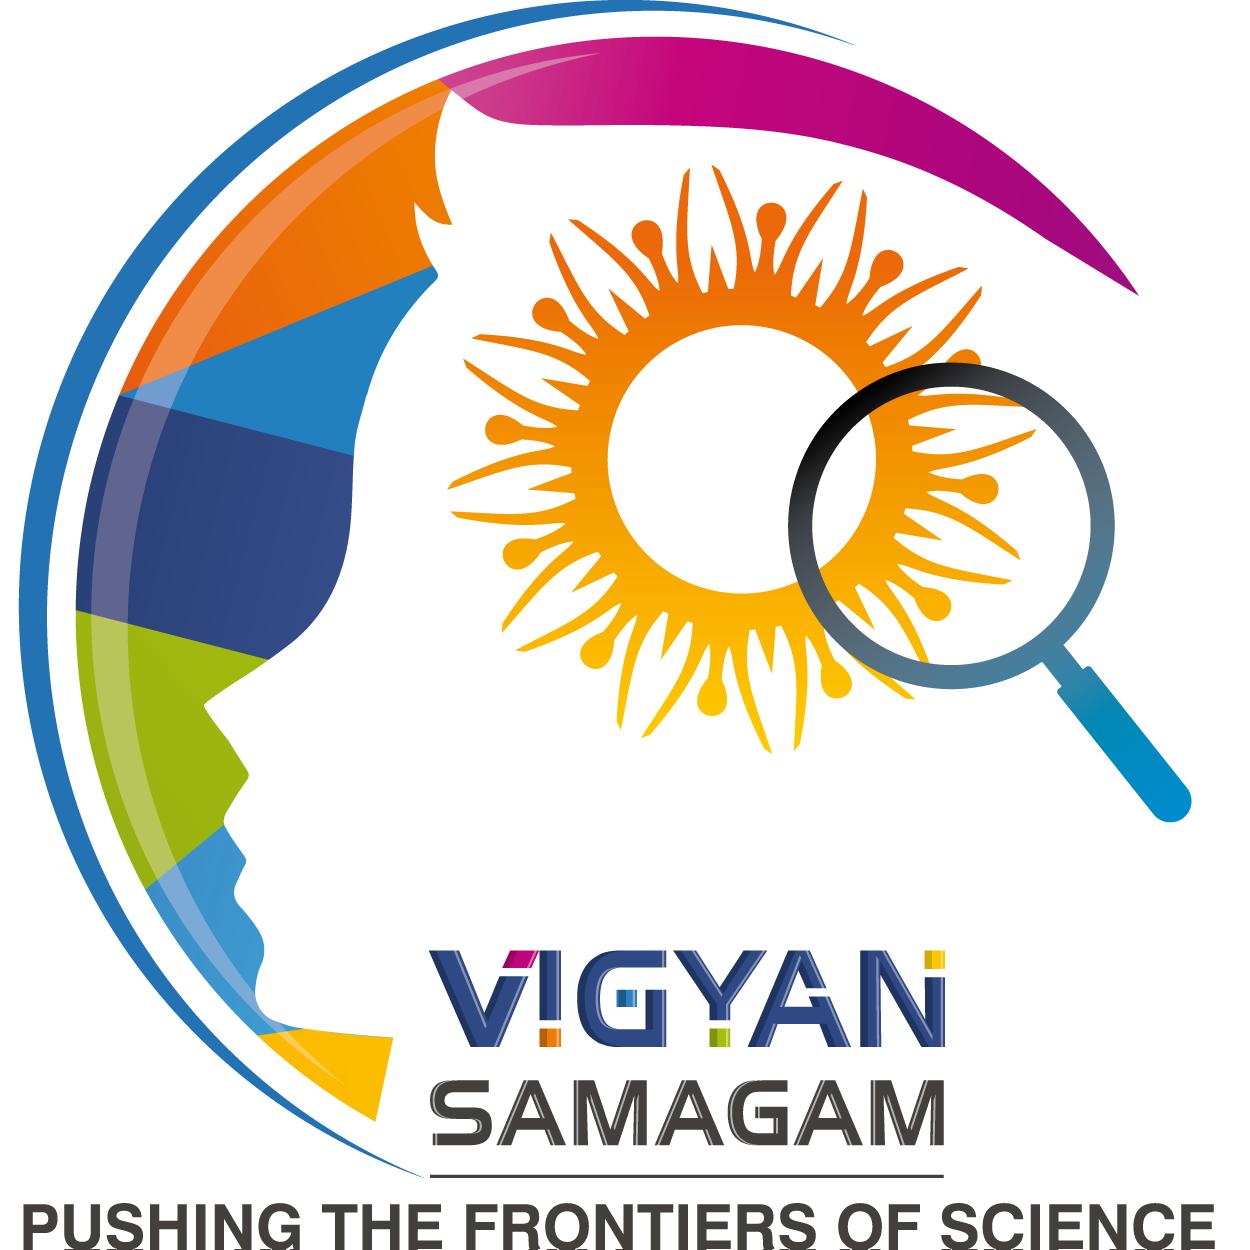 Vigyan Samagam